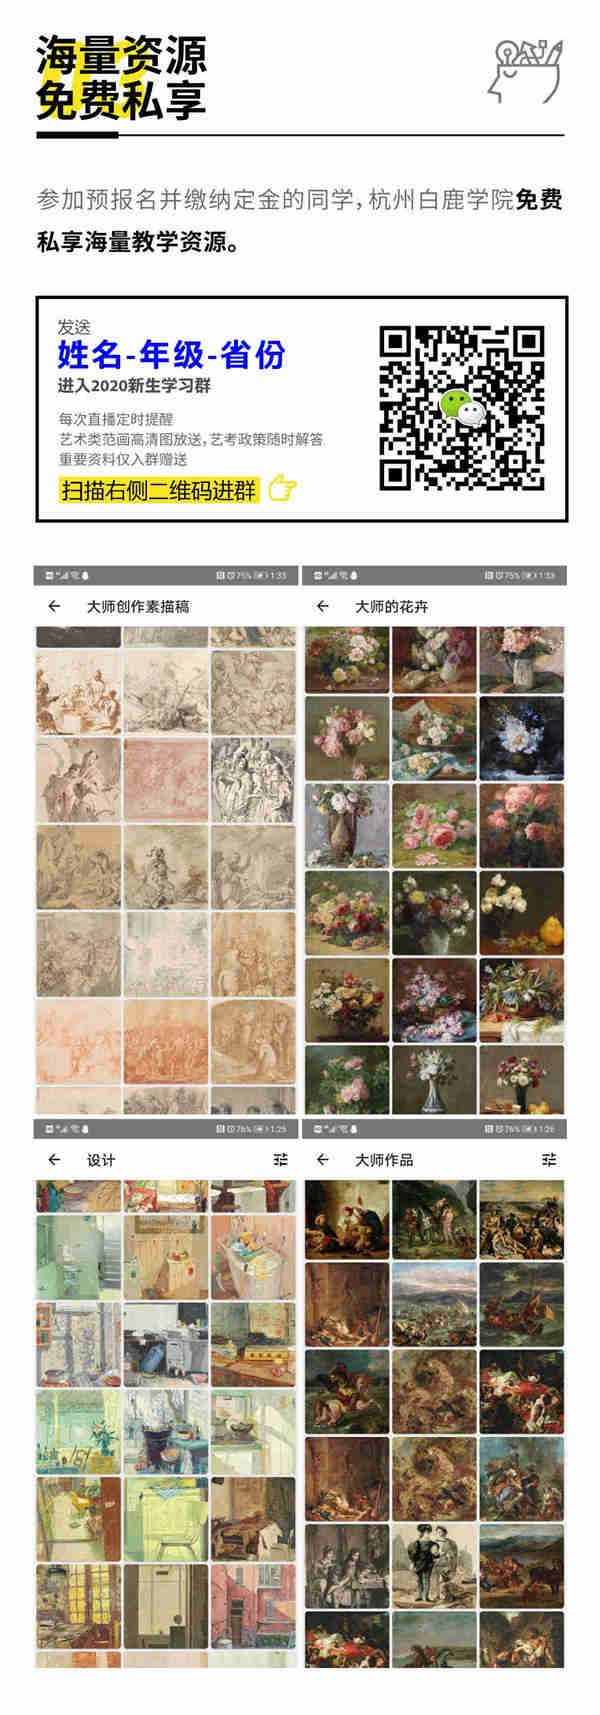 杭州画室,杭州画室招生,杭州美术画室,05